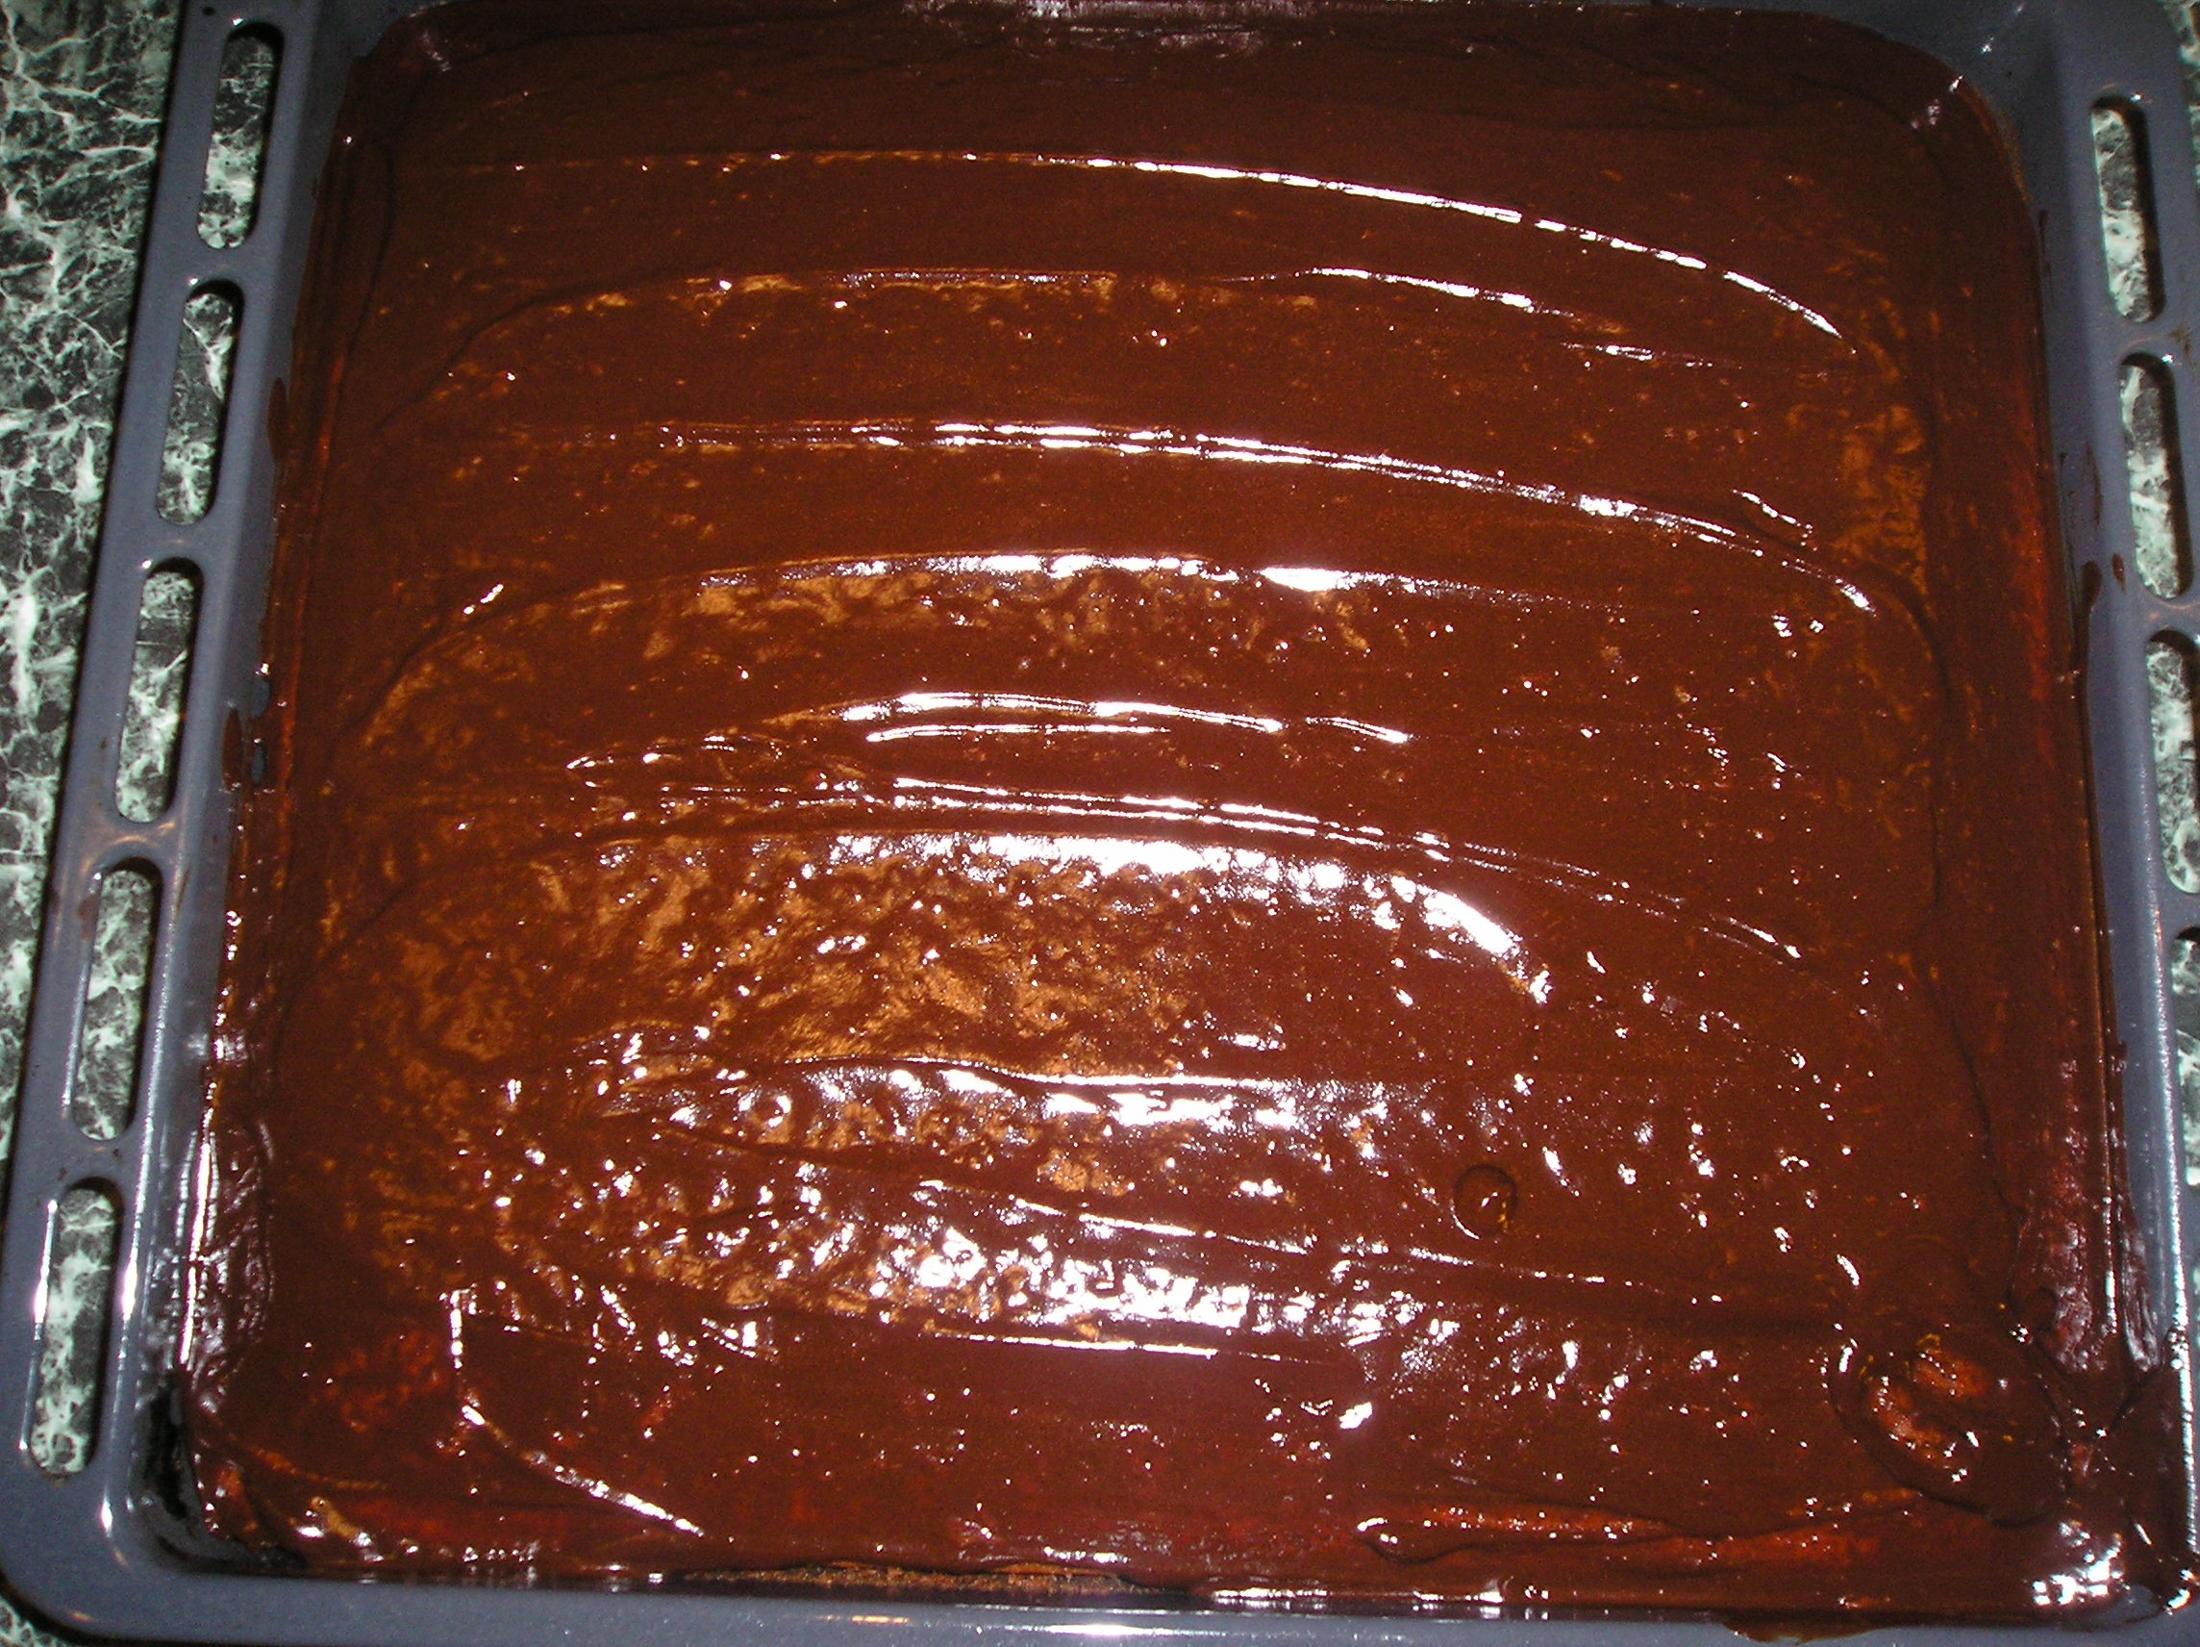 Recept Domácí perník - Perník je vskutku vynikající. Místo marmelády jsem přidala 4 polévkové lžíce medu a taky vynikající.